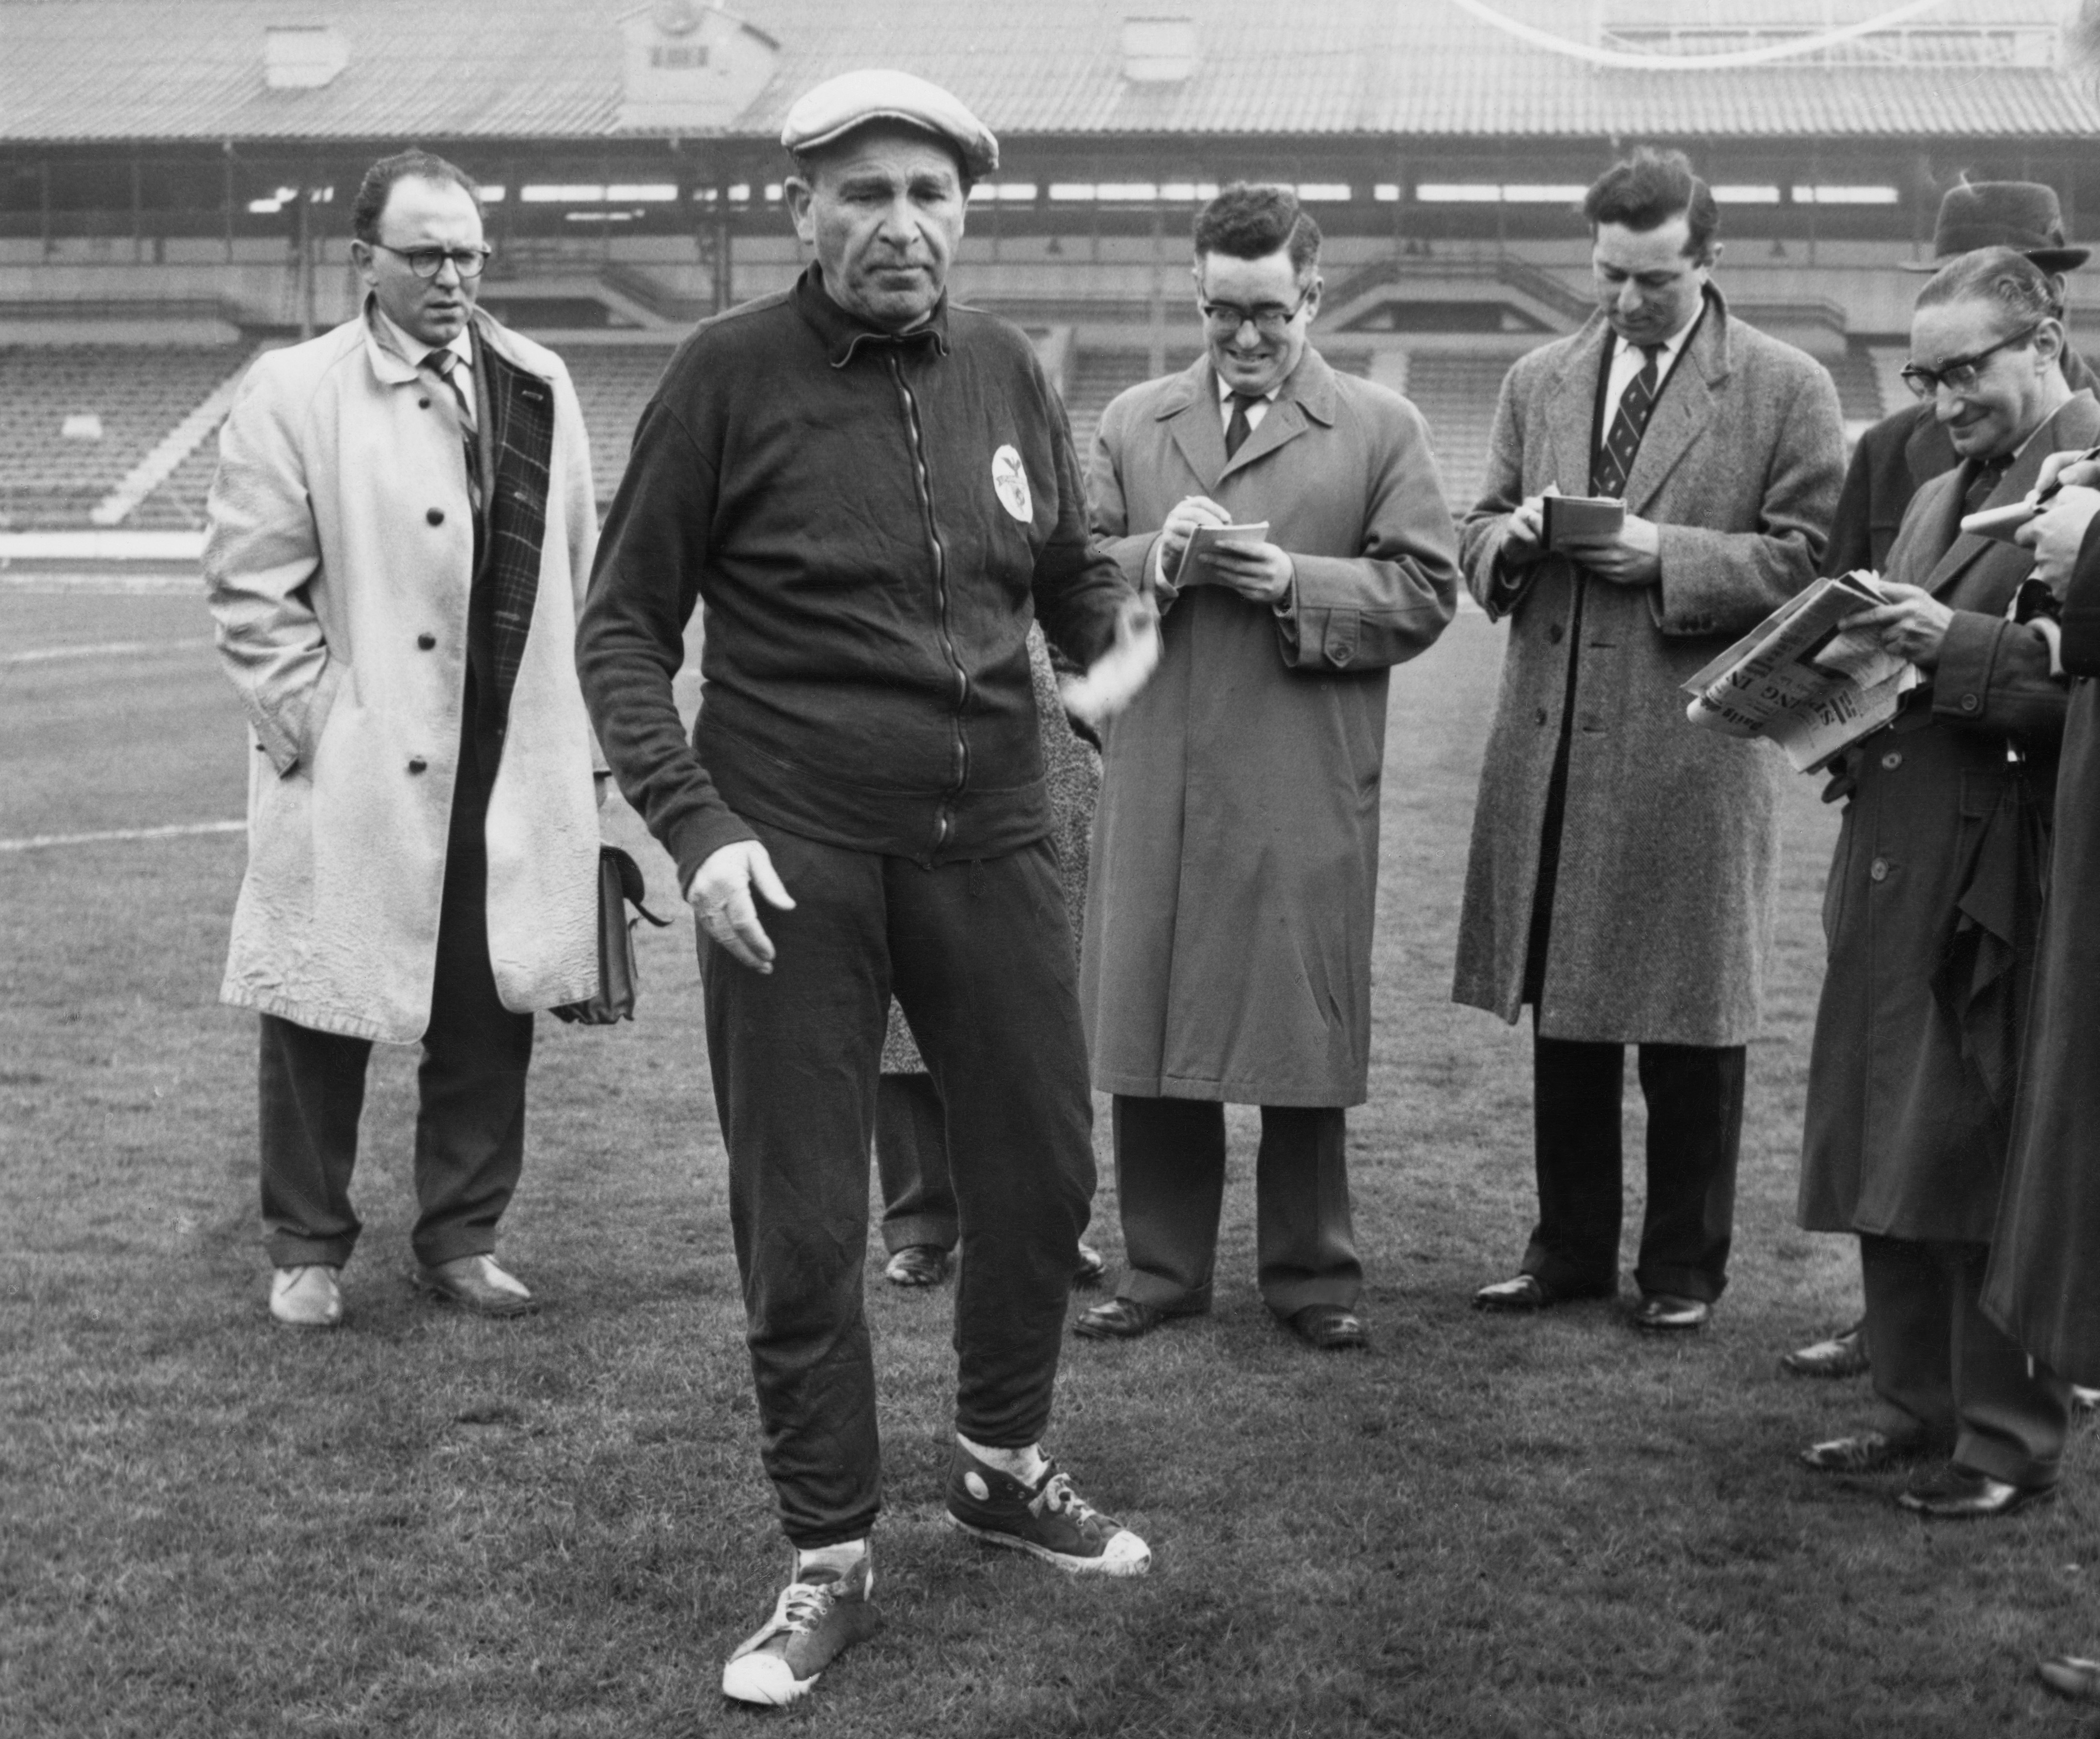 59 лет назад «Бенфика» стала лучшим клубом Европы. На следующий день главный тренер наложил на команду проклятие